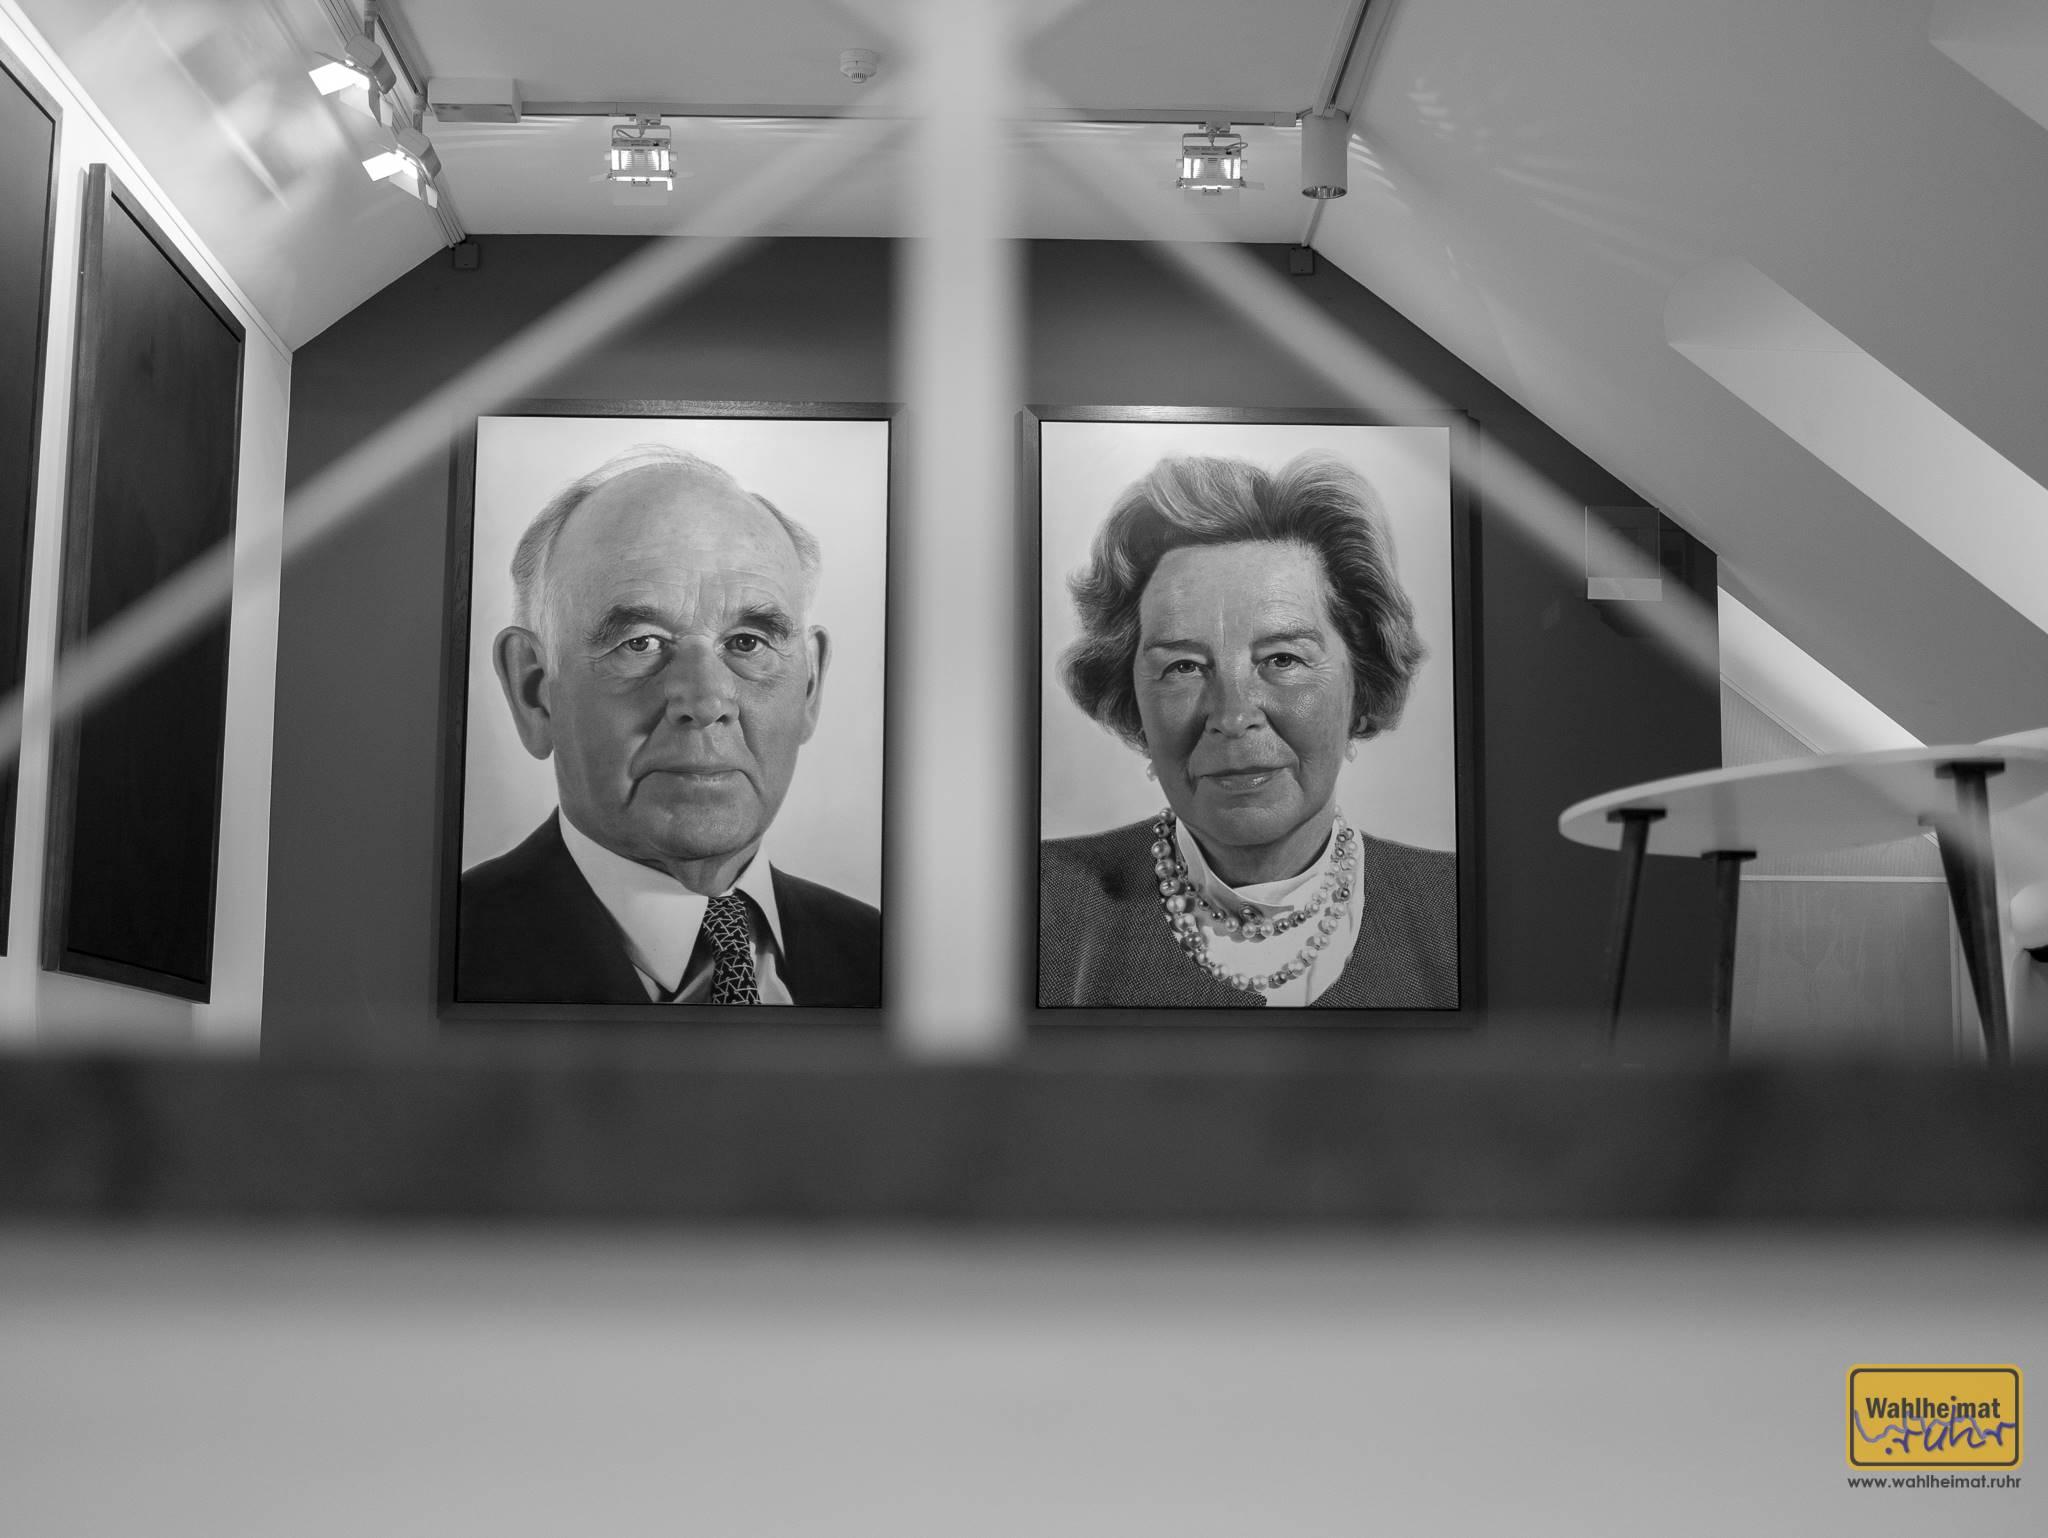 Peter und Irene Ludwig. Leider hab ich mir nicht notiert, wer diese Portraits geschaffen hat.